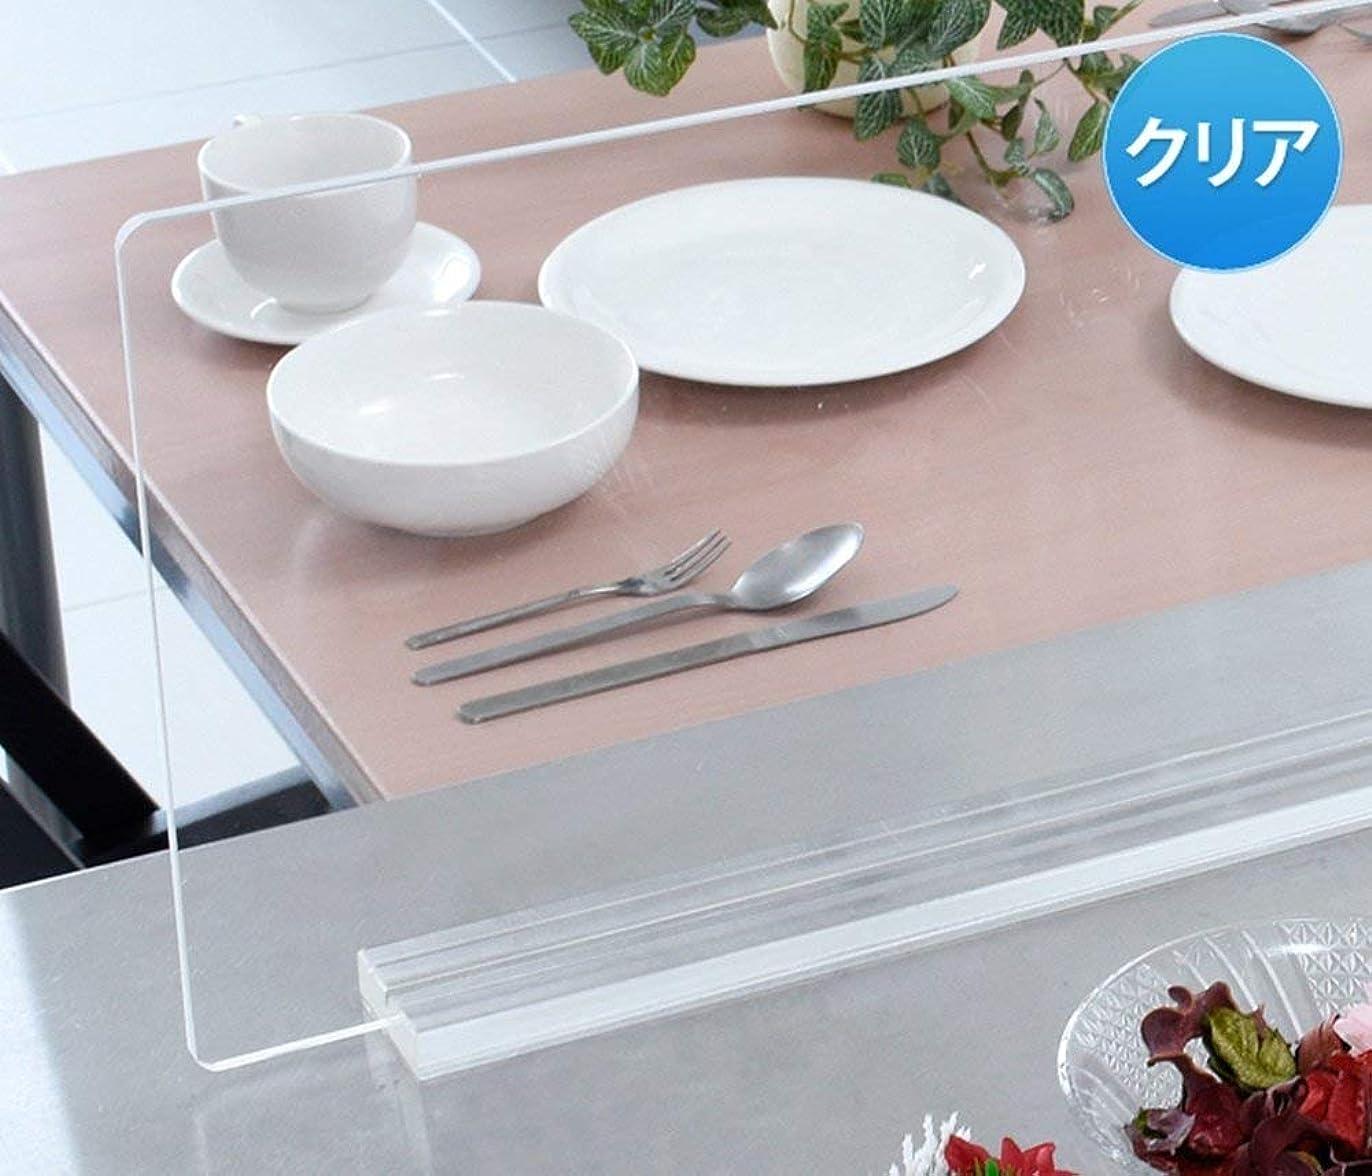 五月わざわざ邪魔するアクリル キッチン 水はね防止 スタンド (50cm幅 クリア)